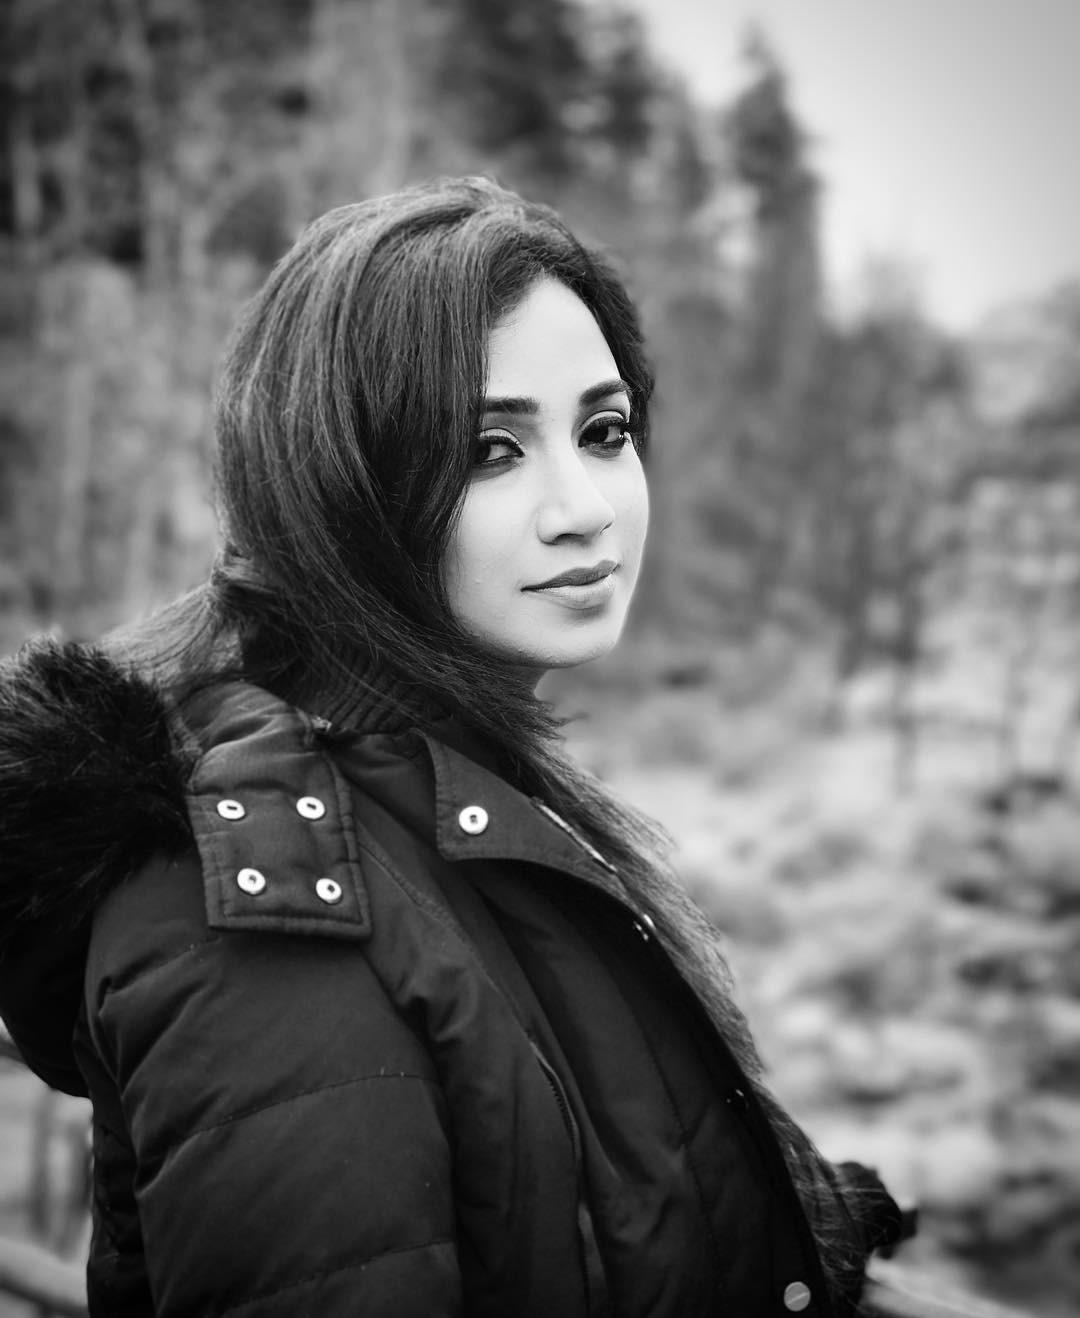 Desi Actress - Pixerdesi Shreya Ghoshal Has Cute Face -9704